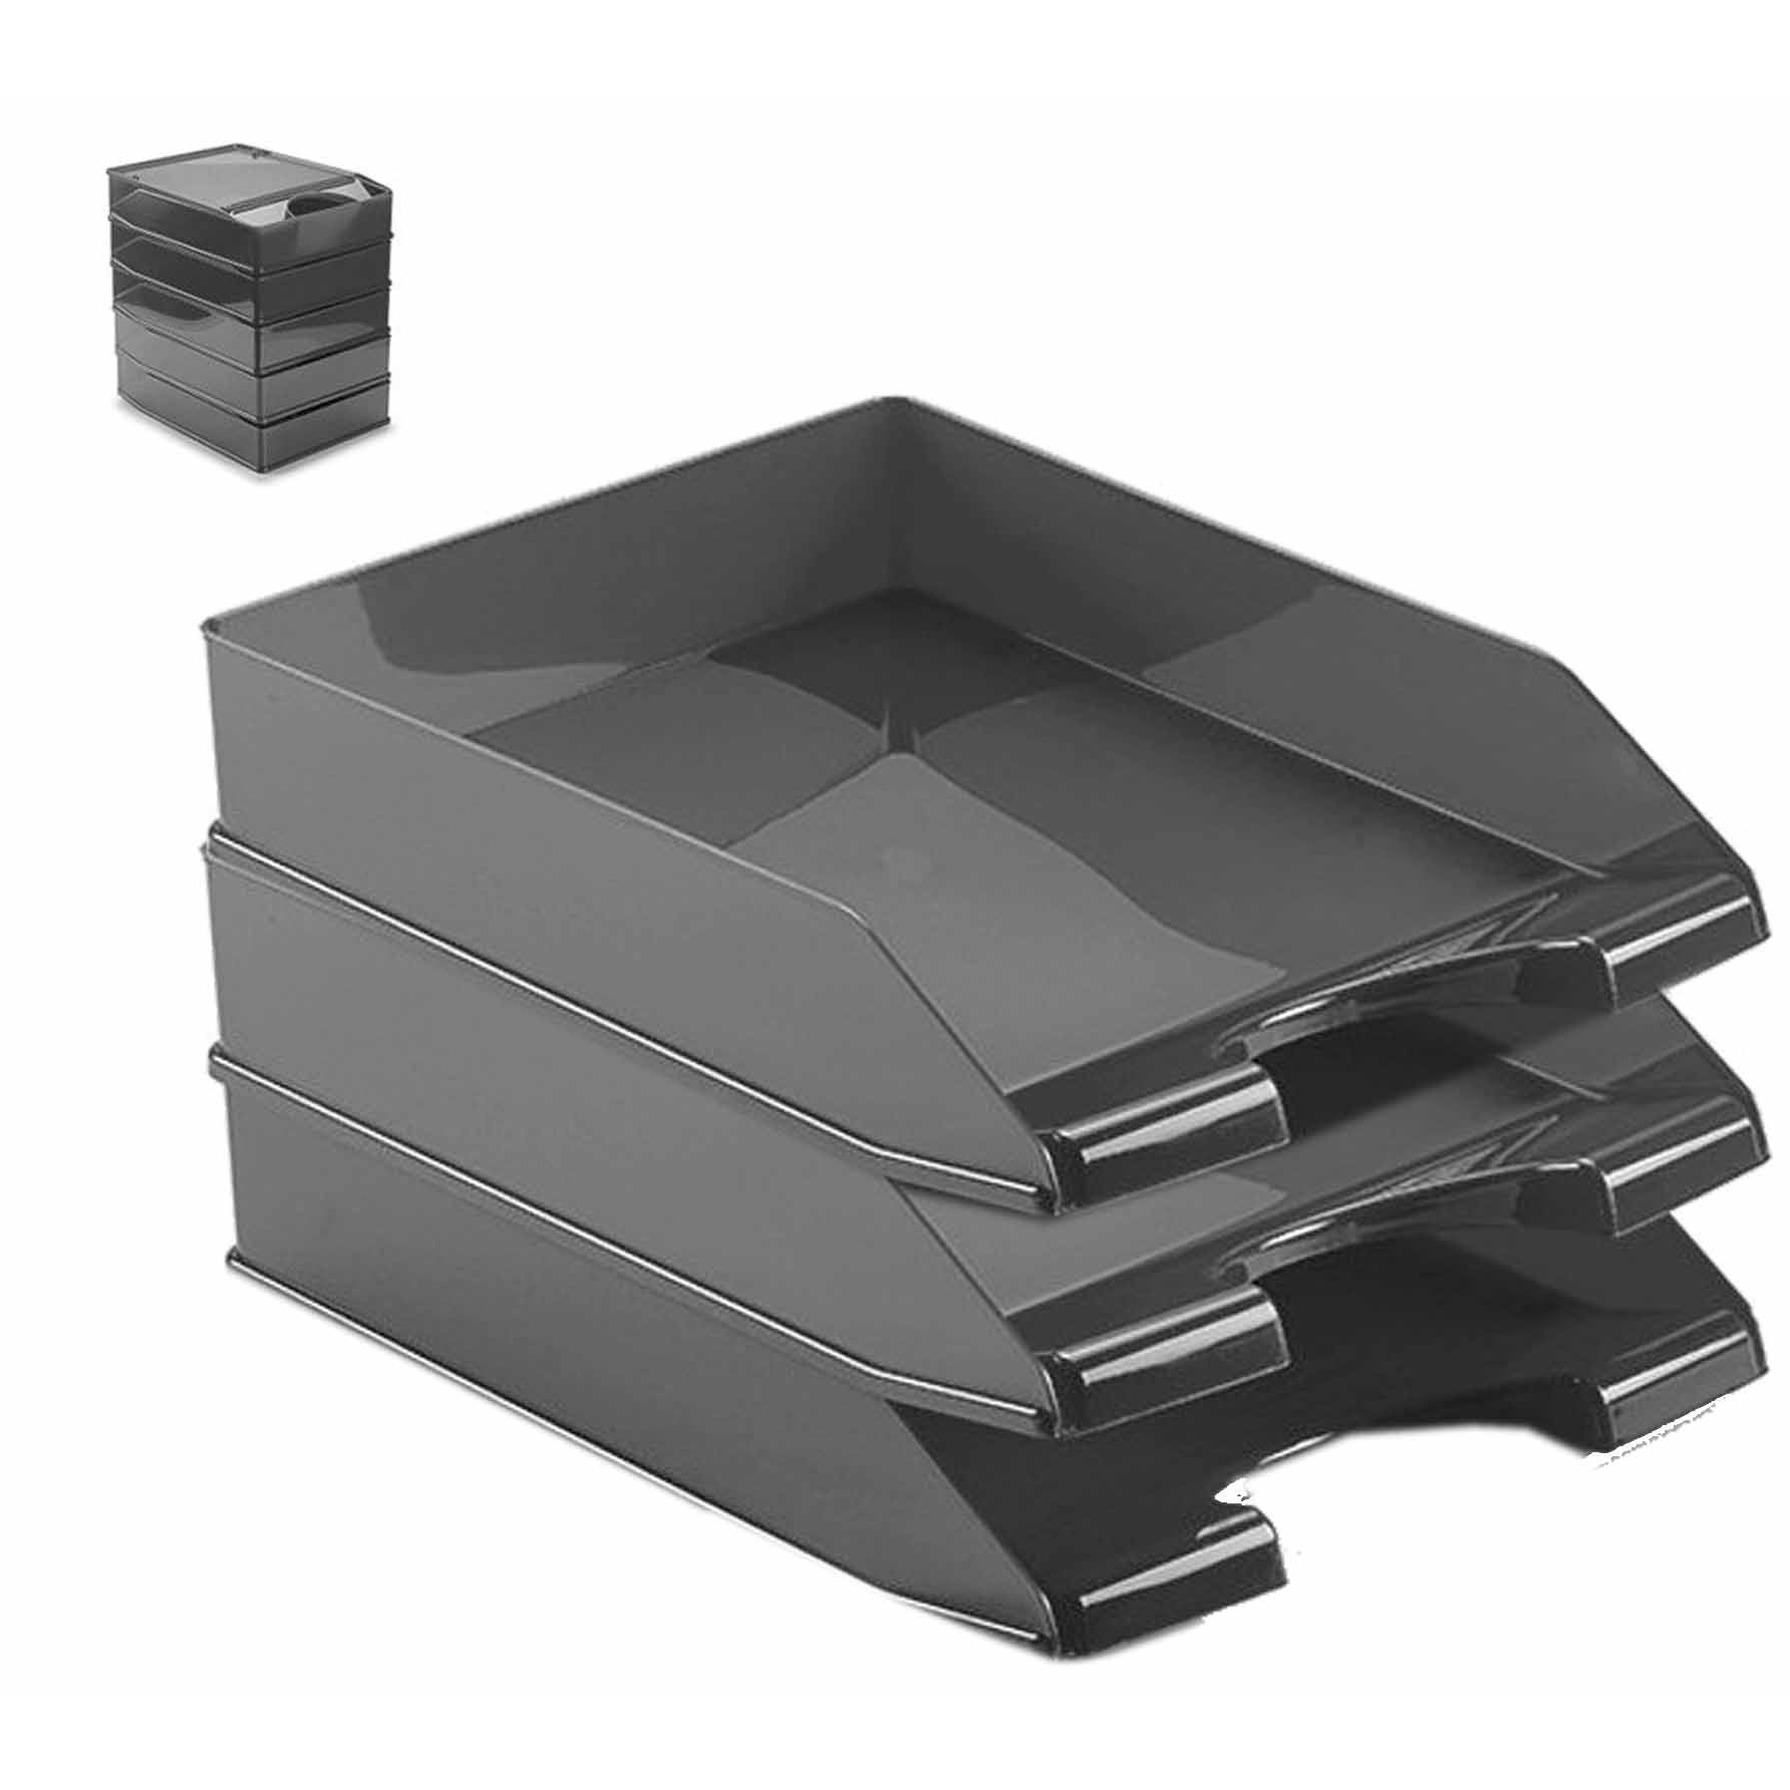 Pakket van 8x stuks postbakjejes zwart a4 formaat